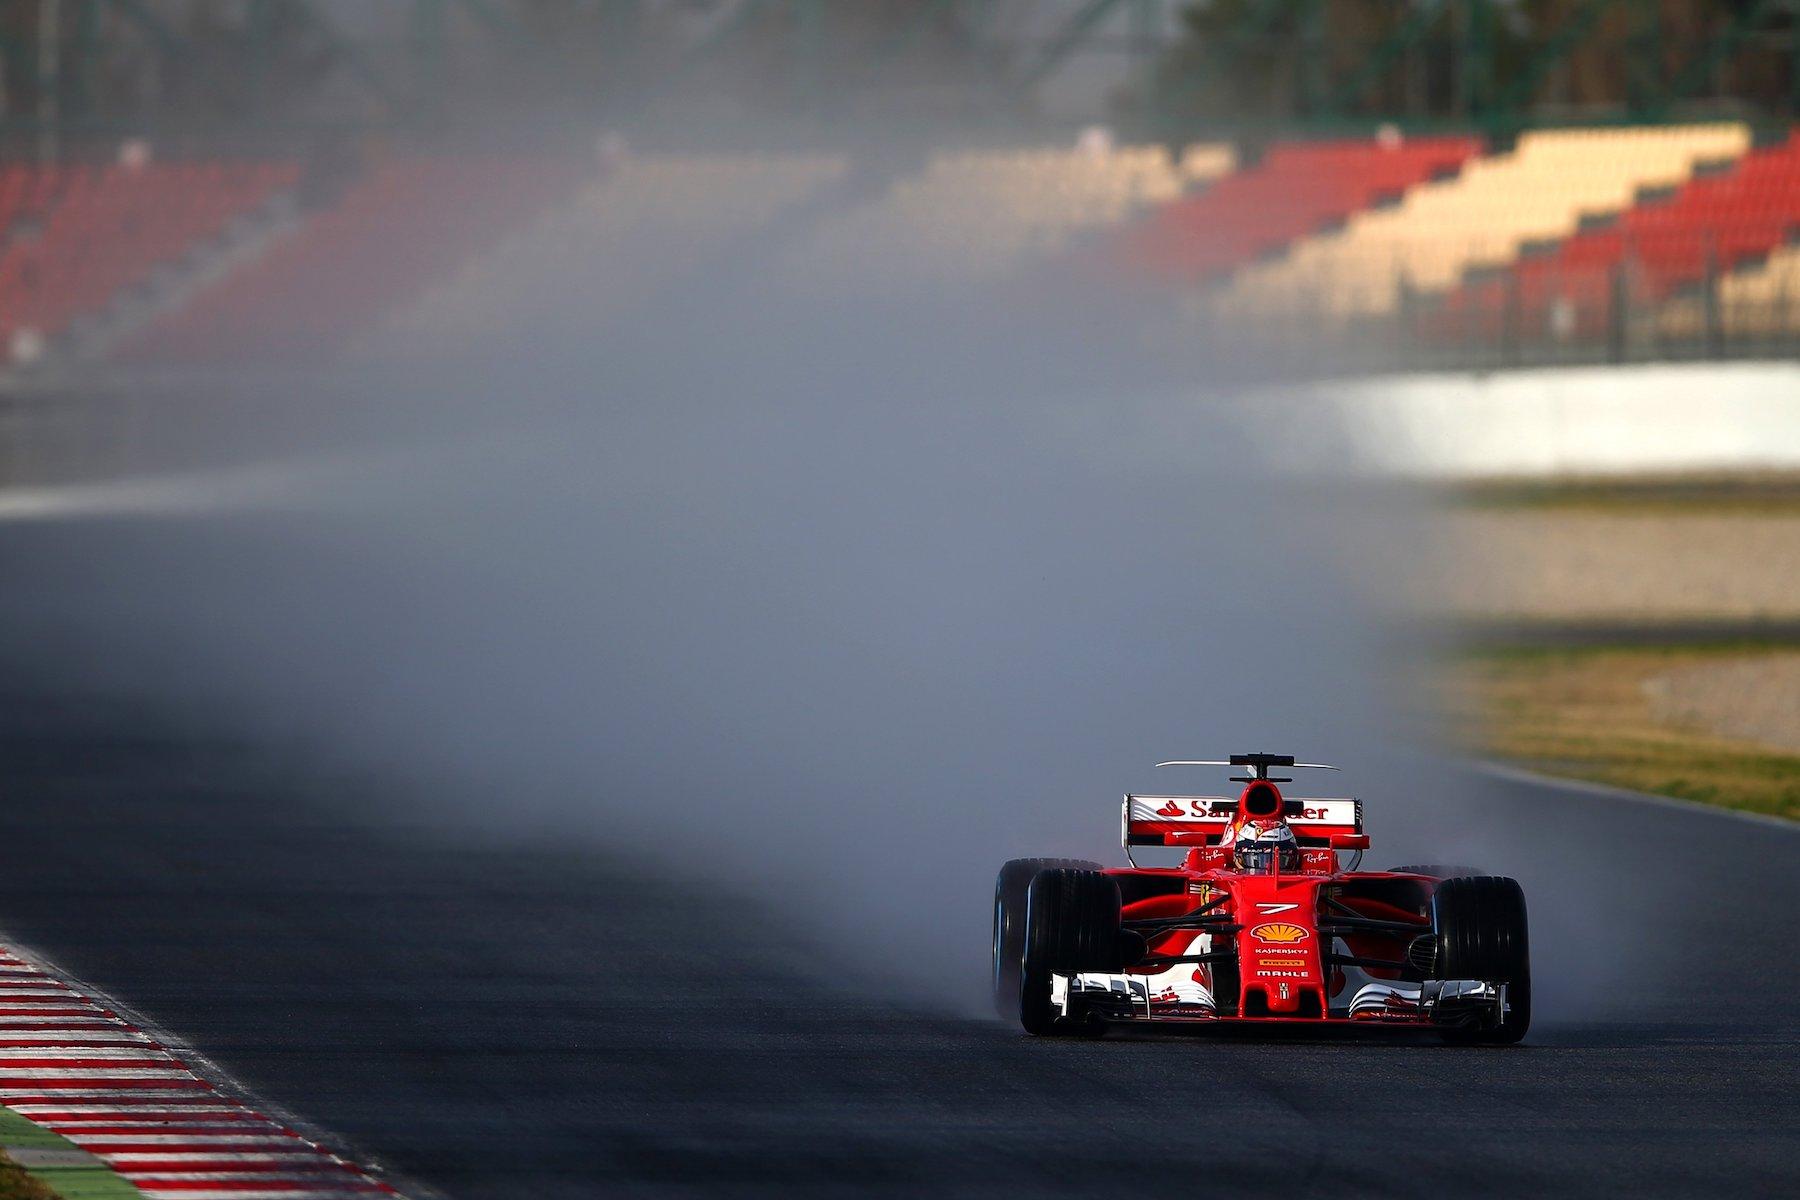 Salracing | Scuderia Ferrari SF70H